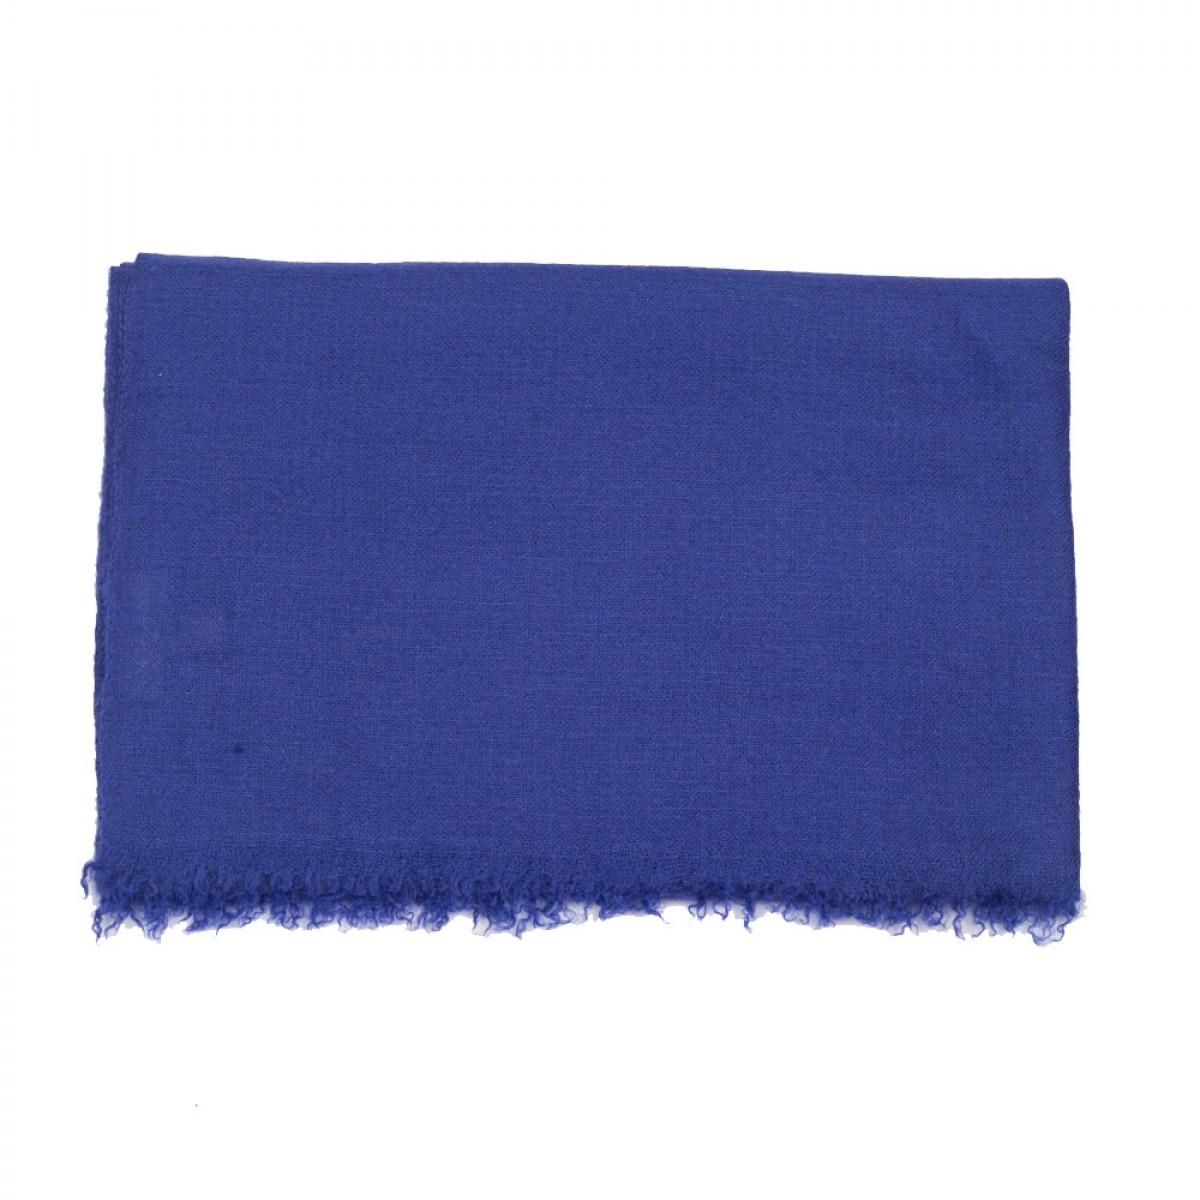 Plain Pashmina Stole - Navy Blue